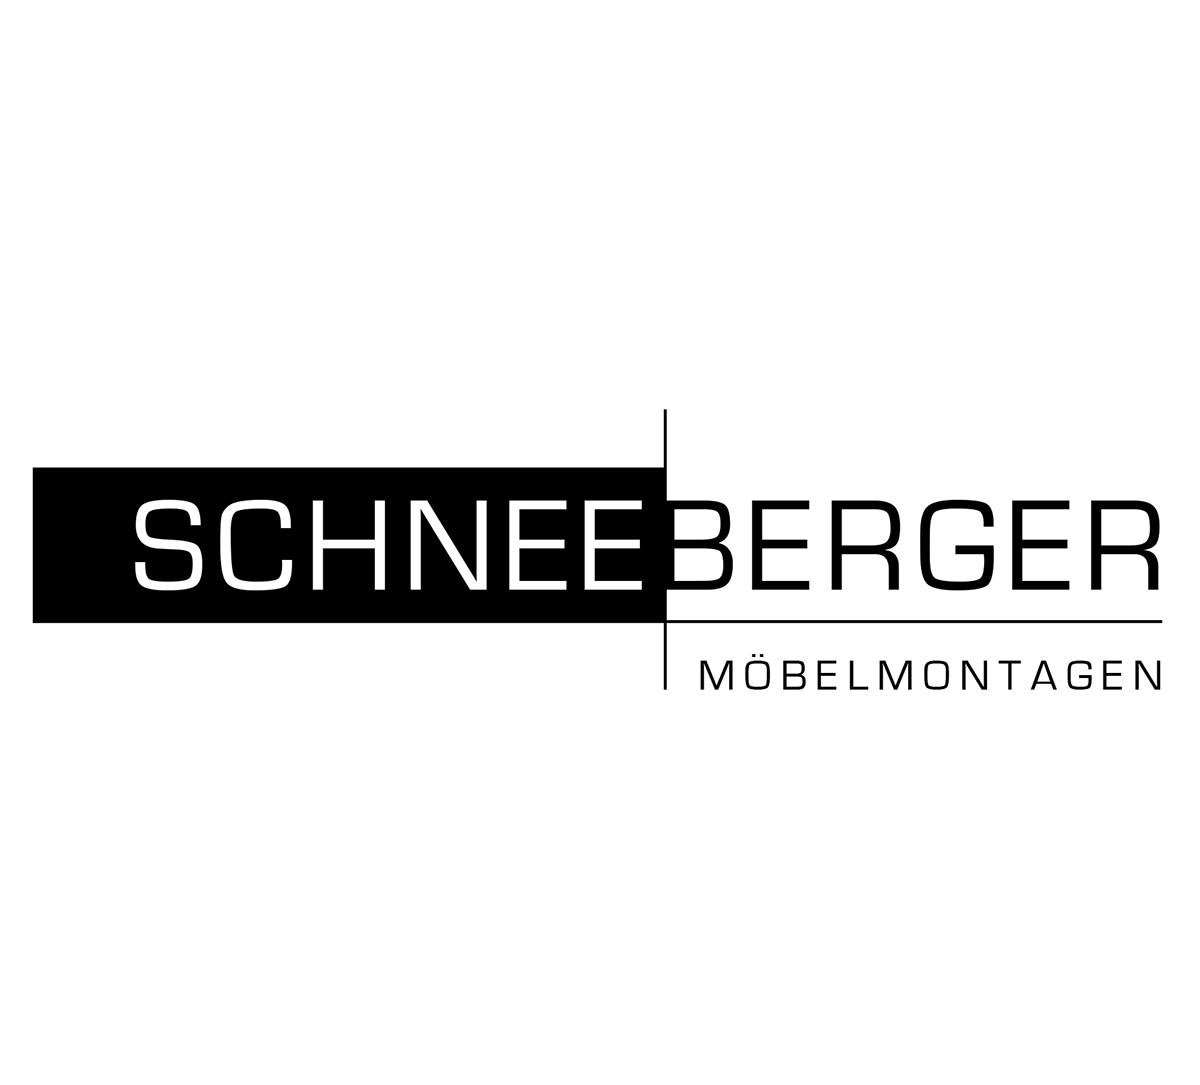 Schneeberger Möbelmontagen